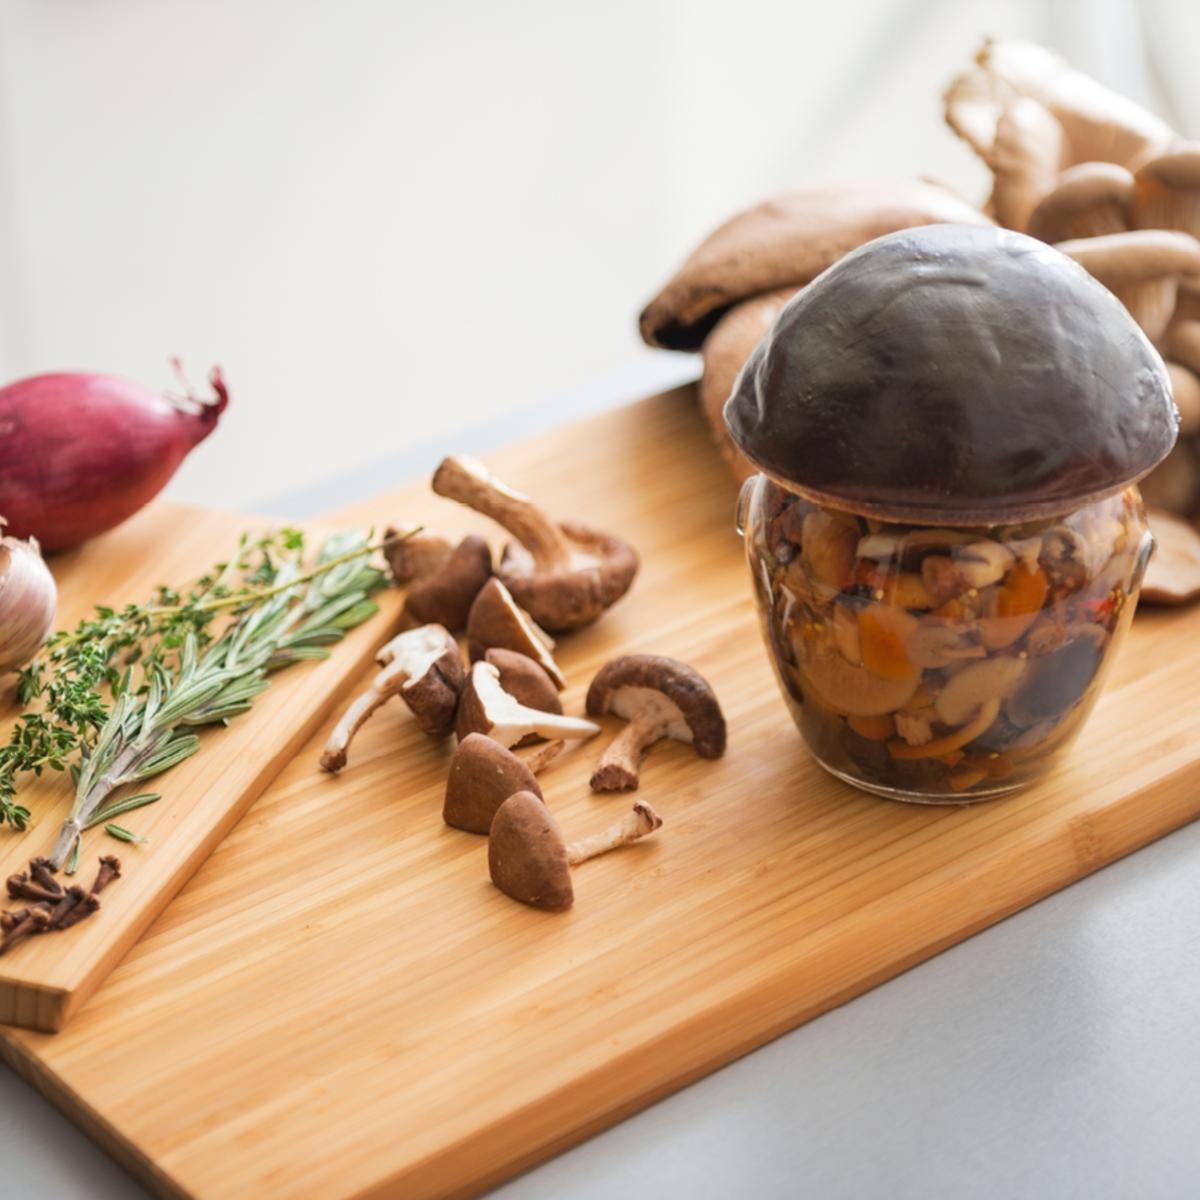 Einmachen pilze Pilze einkochen